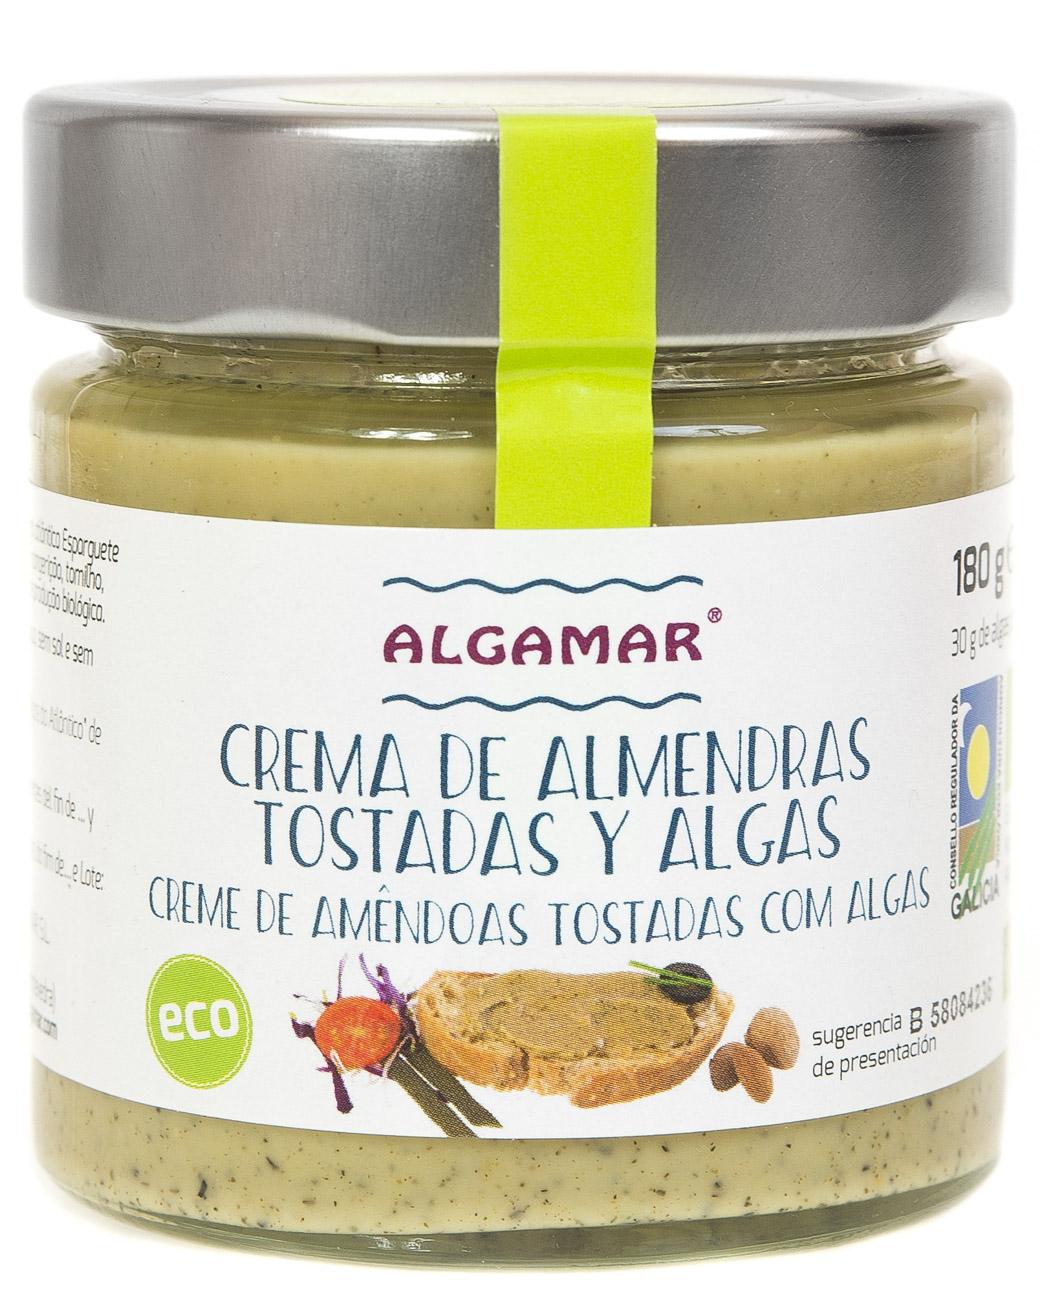 26-algamar-crema-de-almendras-tostadas-algas-190g